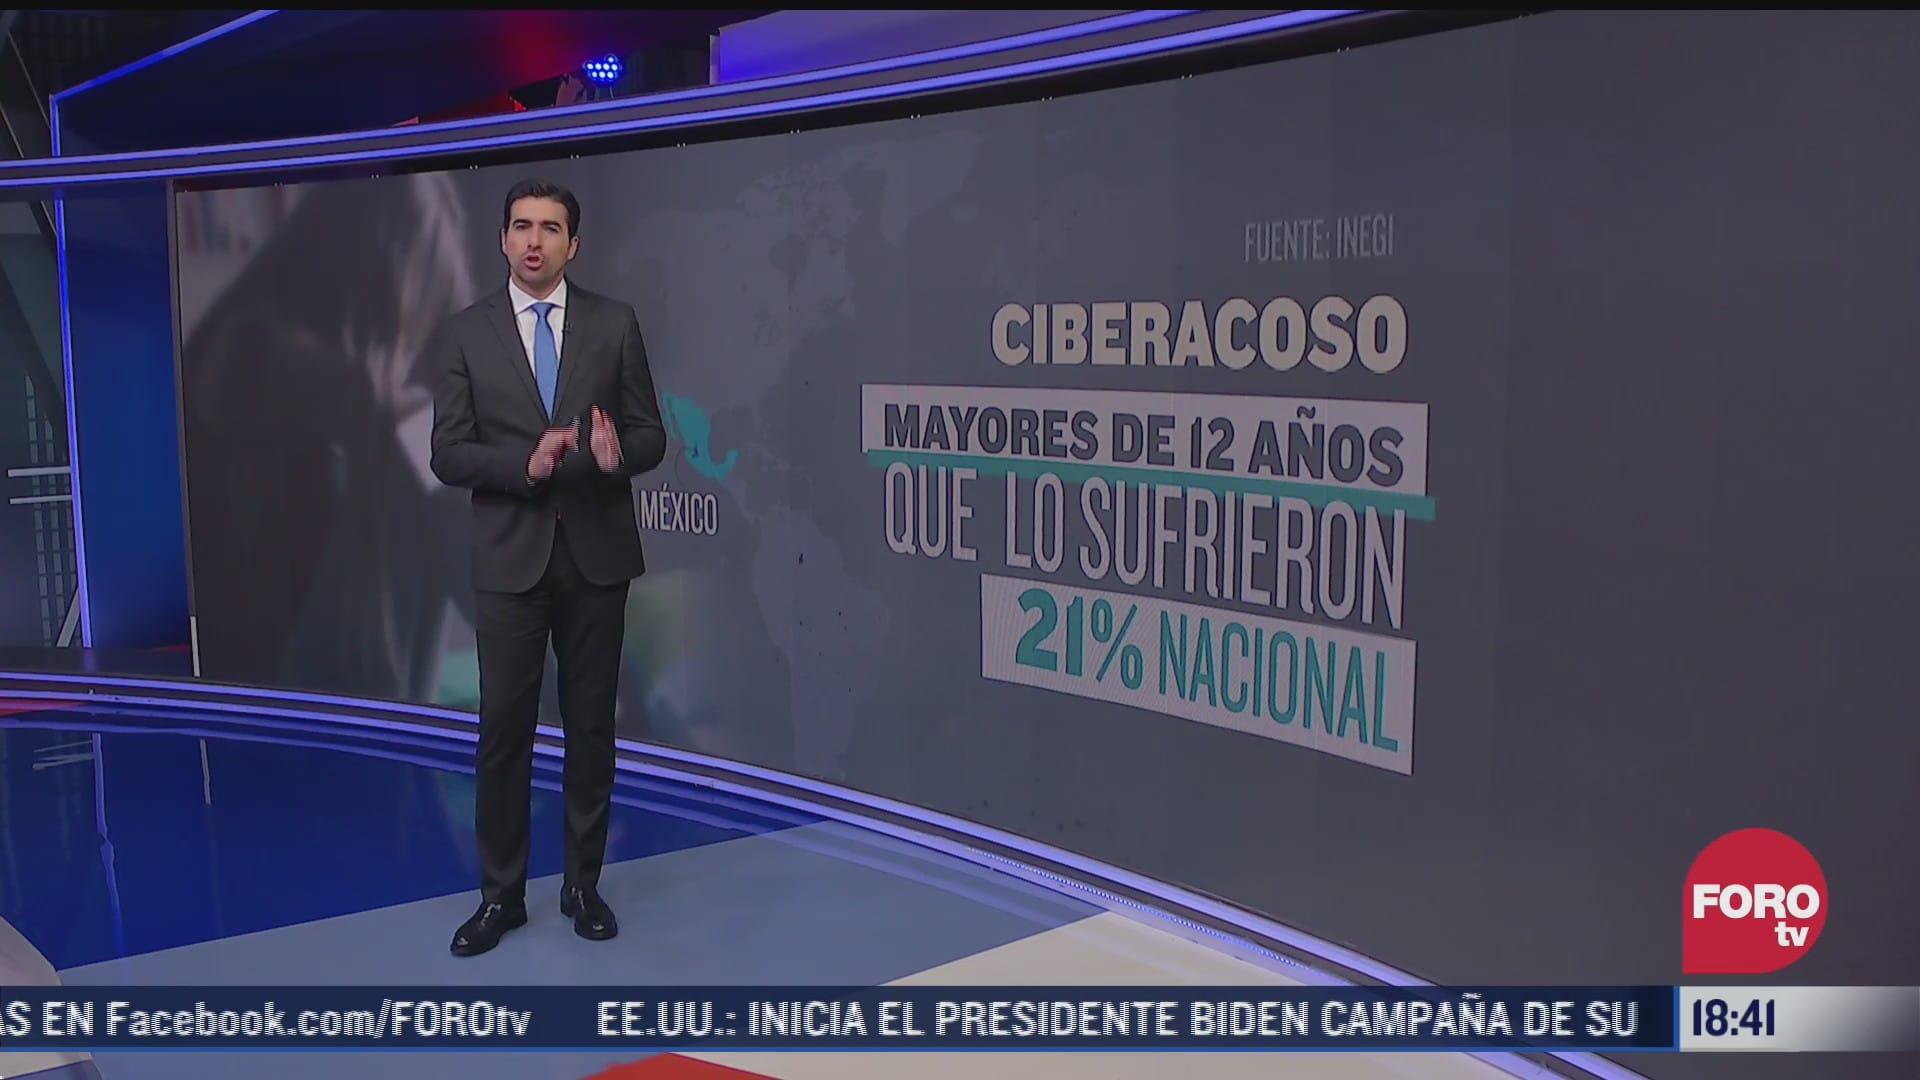 estos son los datos del ciberacoso en mexico segun el inegi